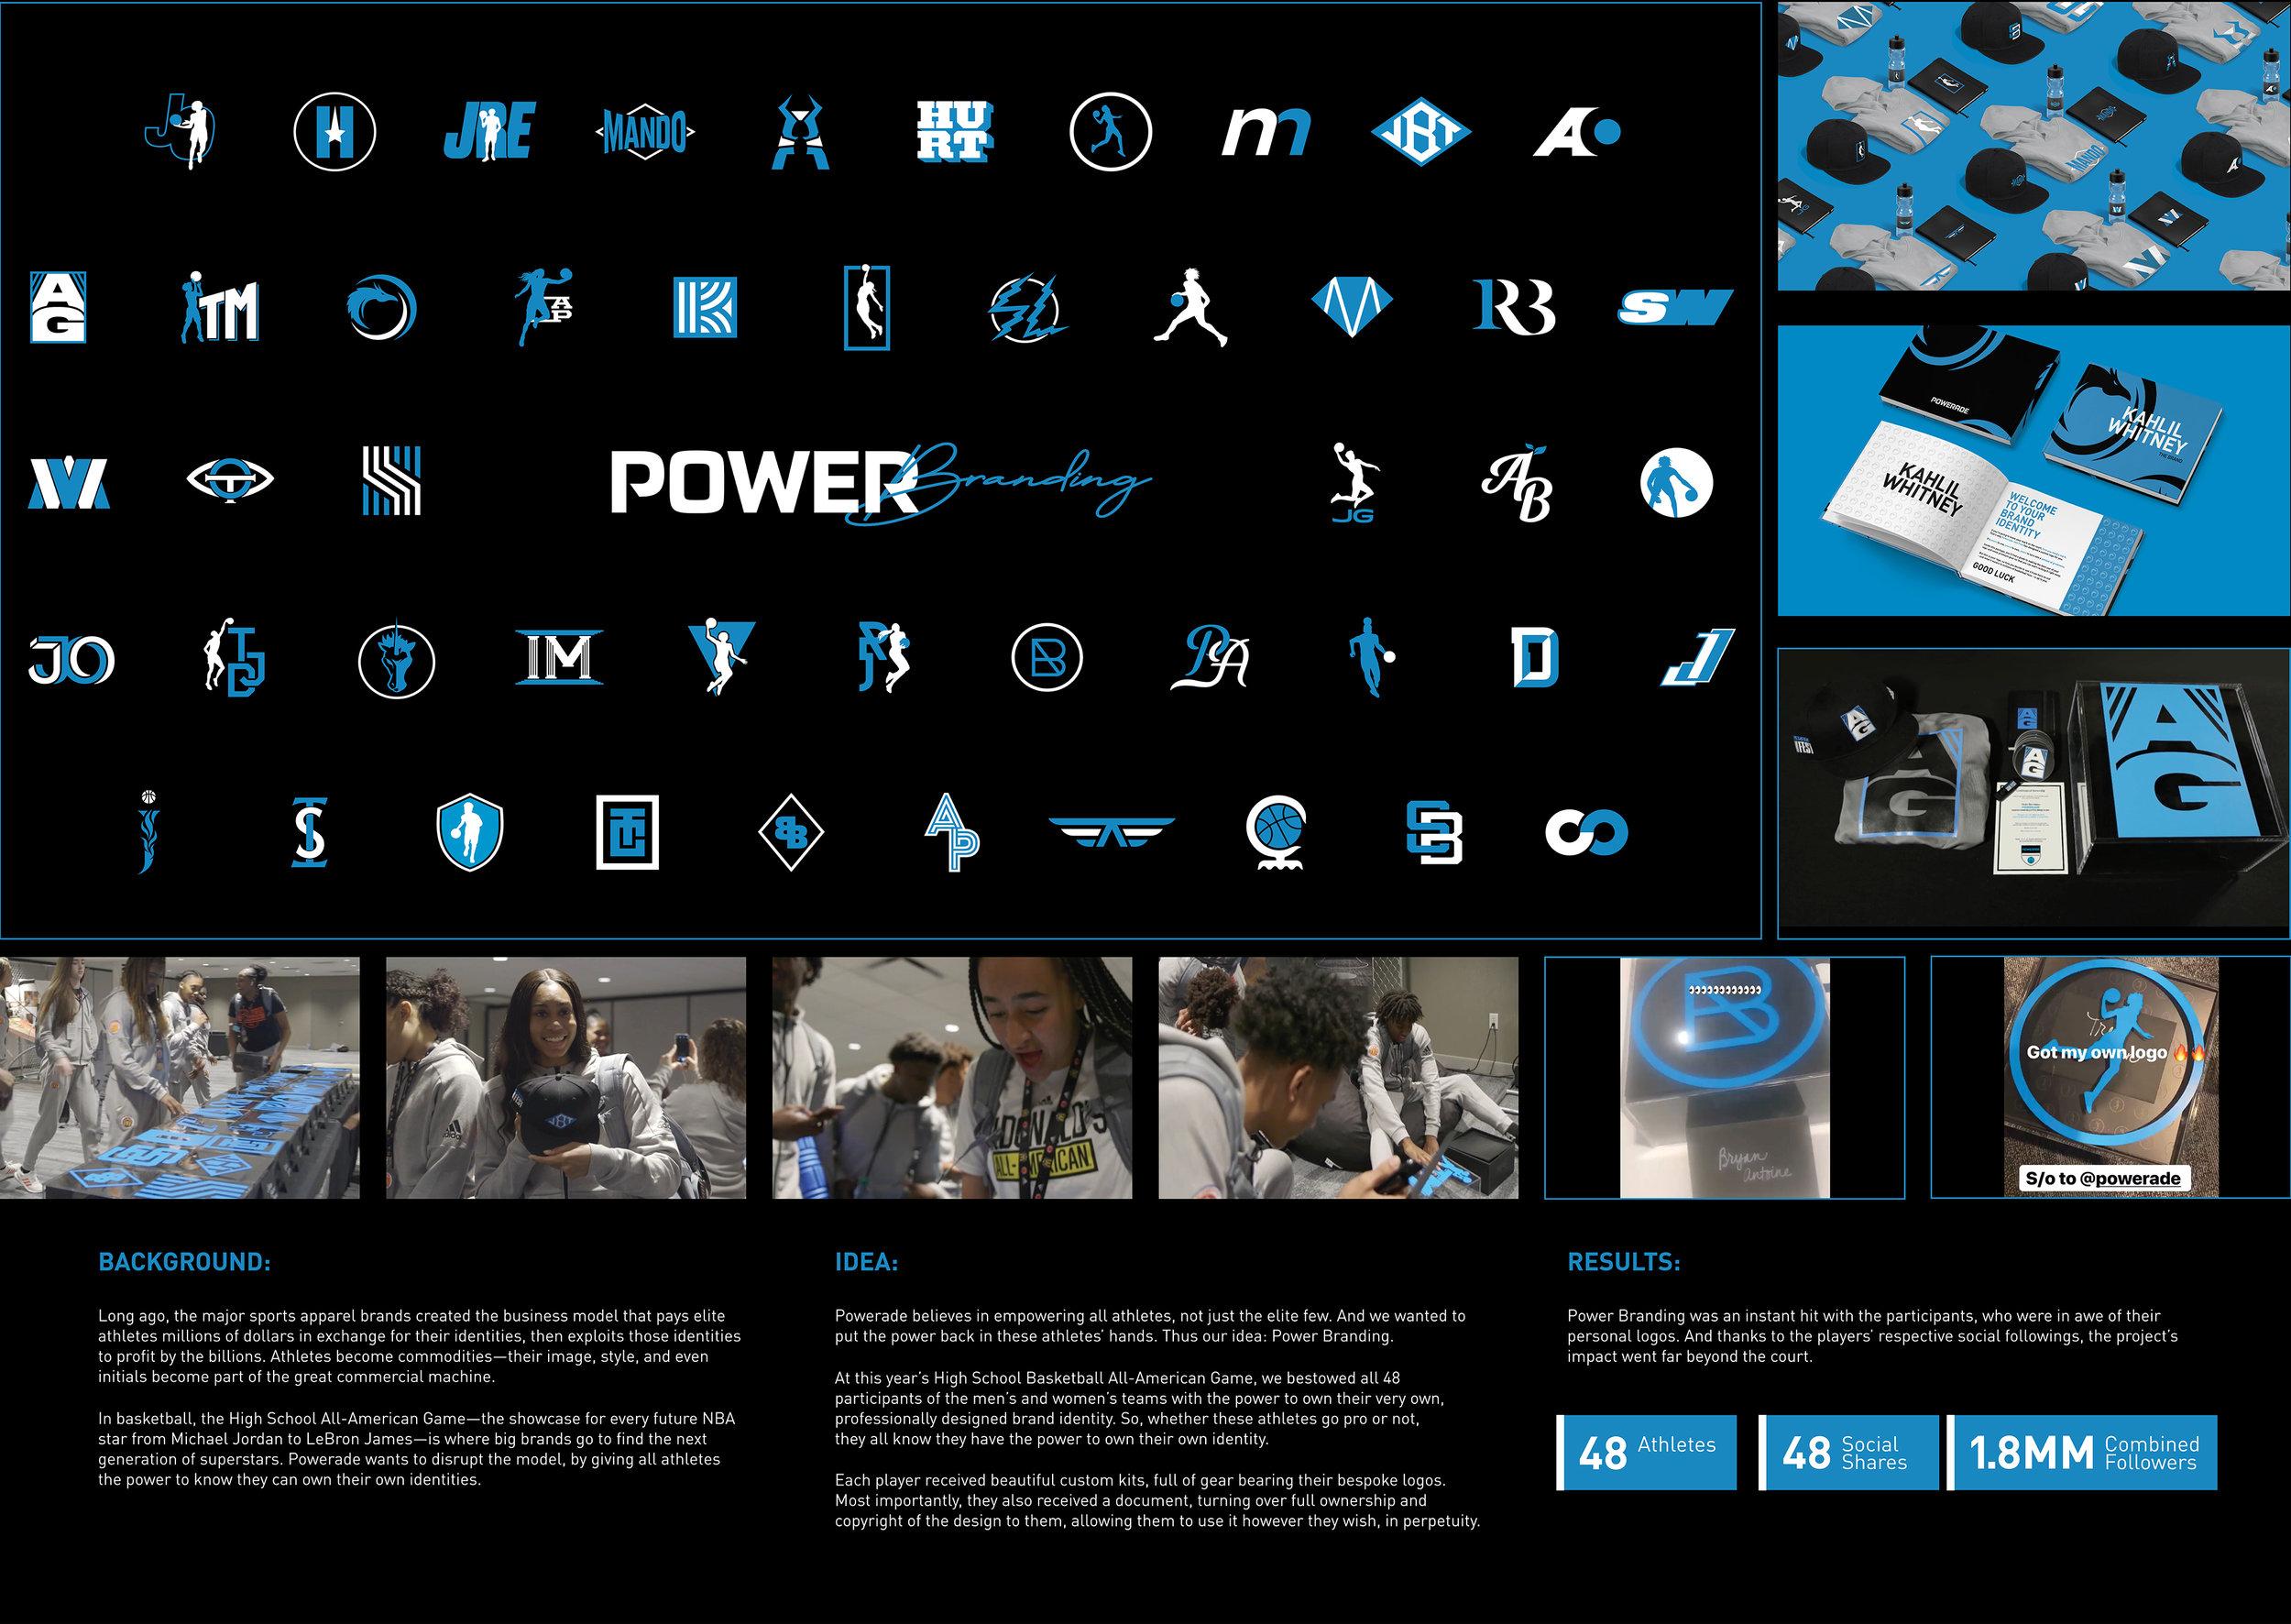 Power_Branding_Presentation_5_smaller.jpg